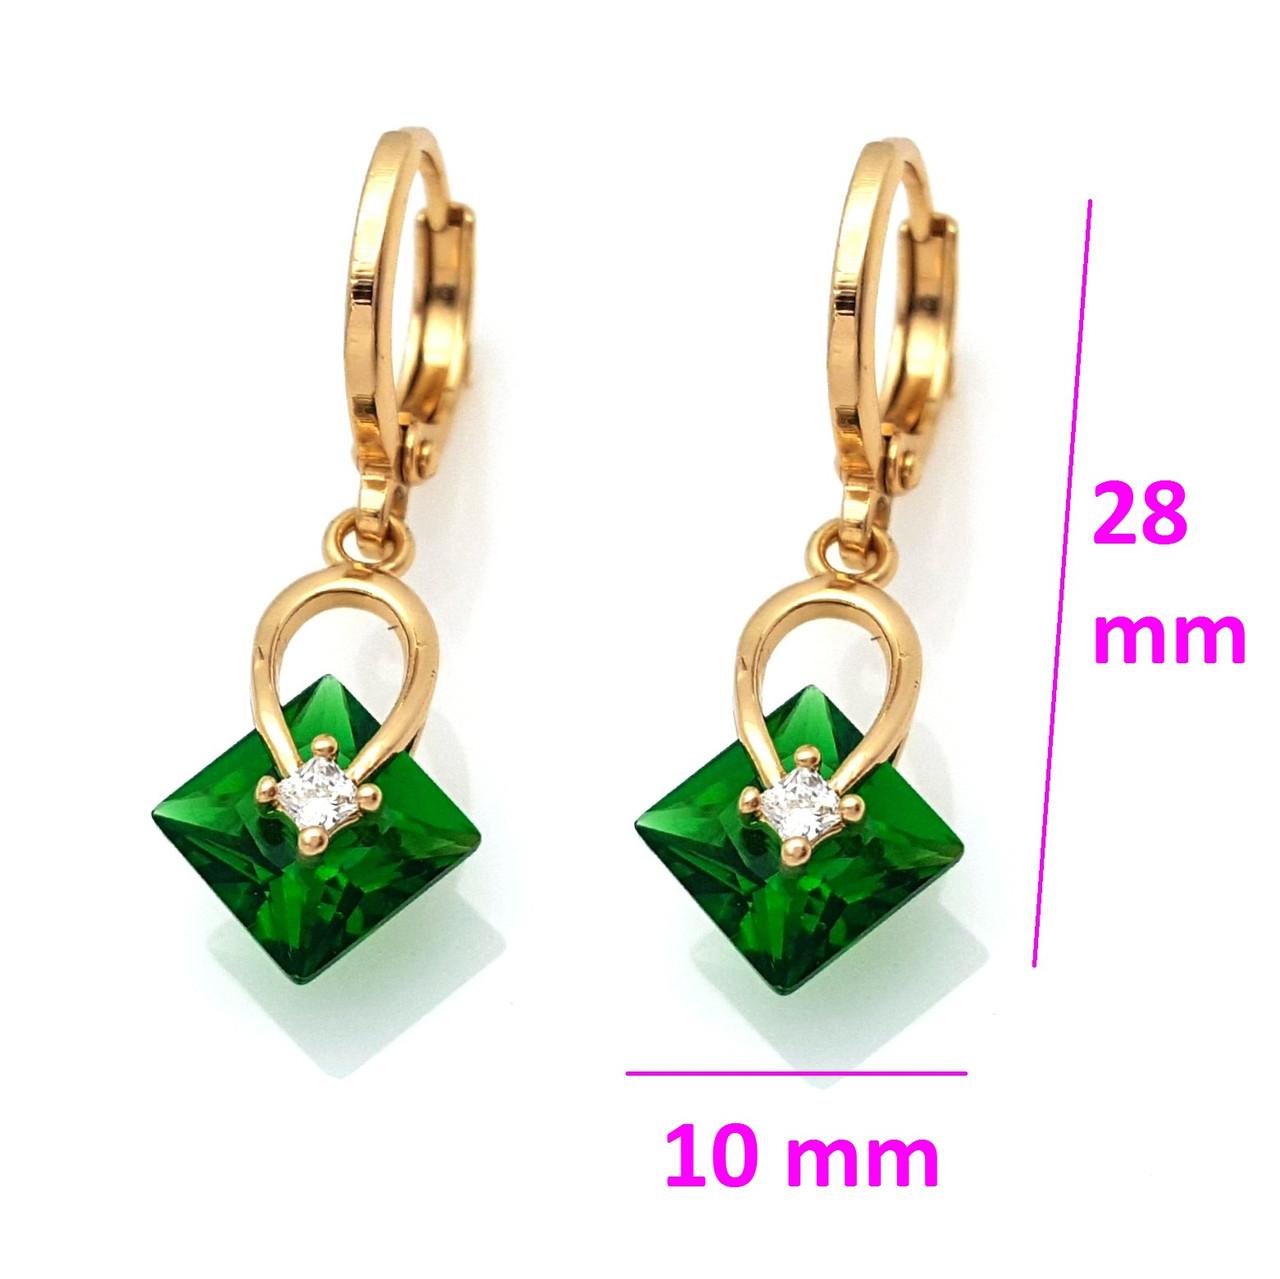 Серьги позолоченные, Висюльки с зеленым цирконием, Xuping